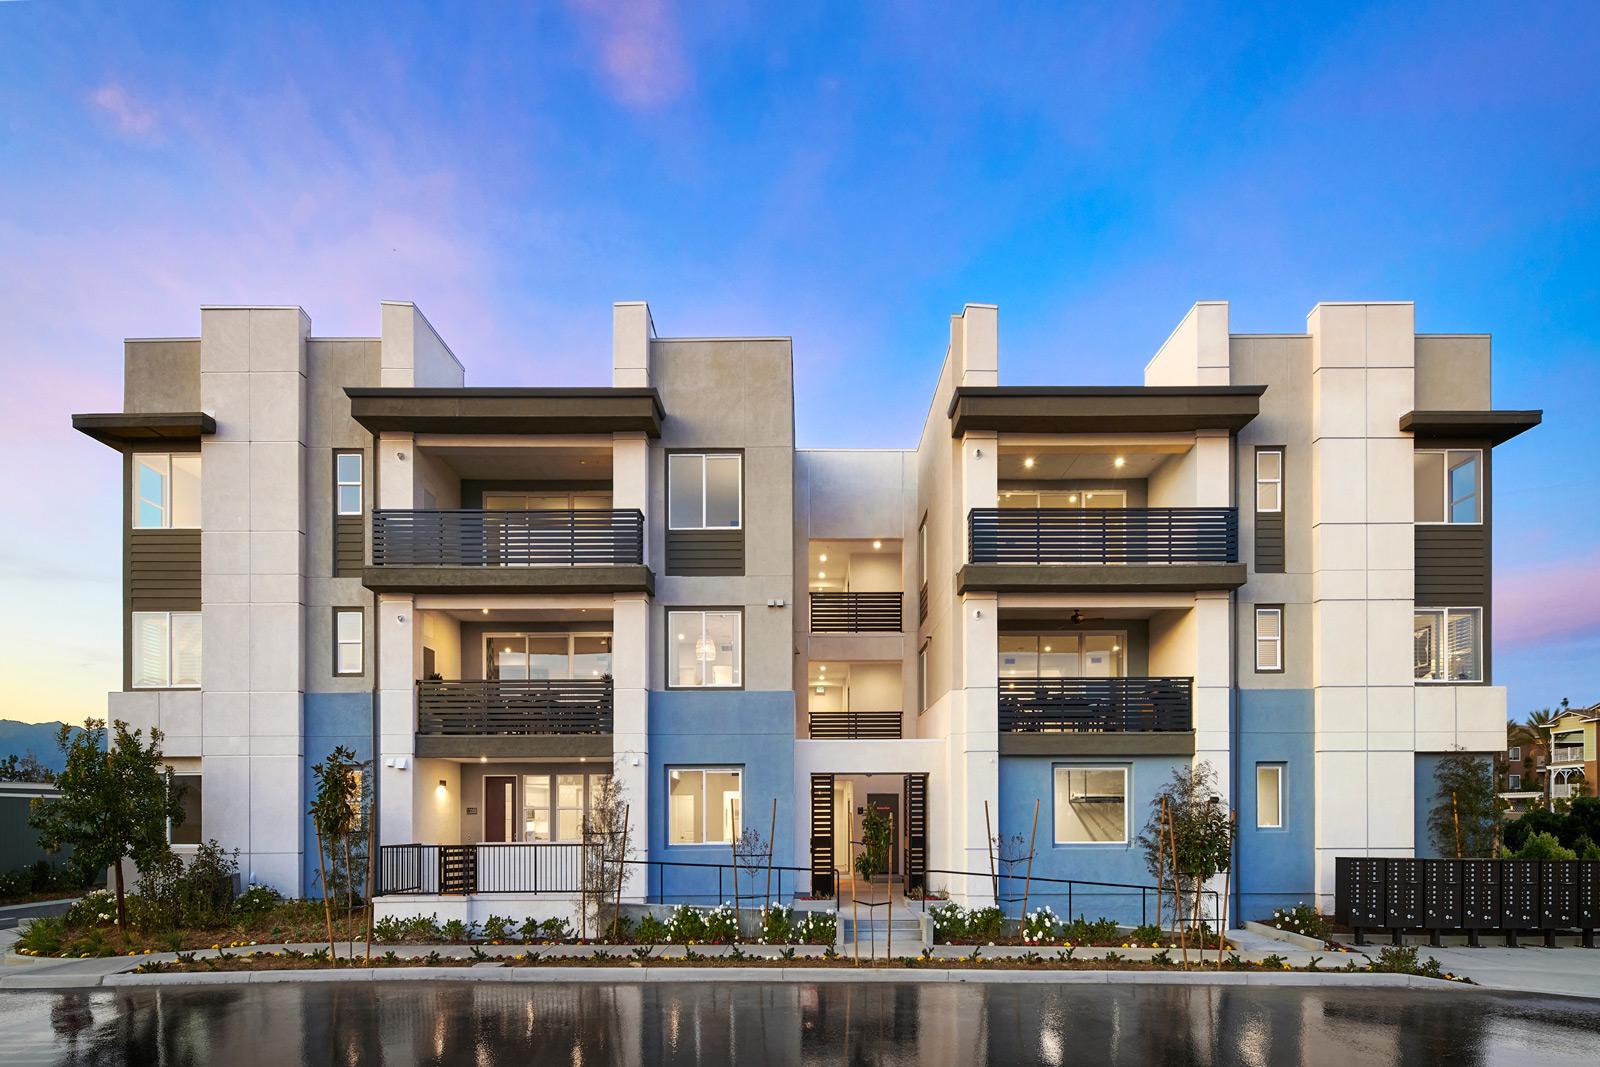 Exterior | Aspire | New Homes in Rancho Cucamonga, CA | Van Daele Homes